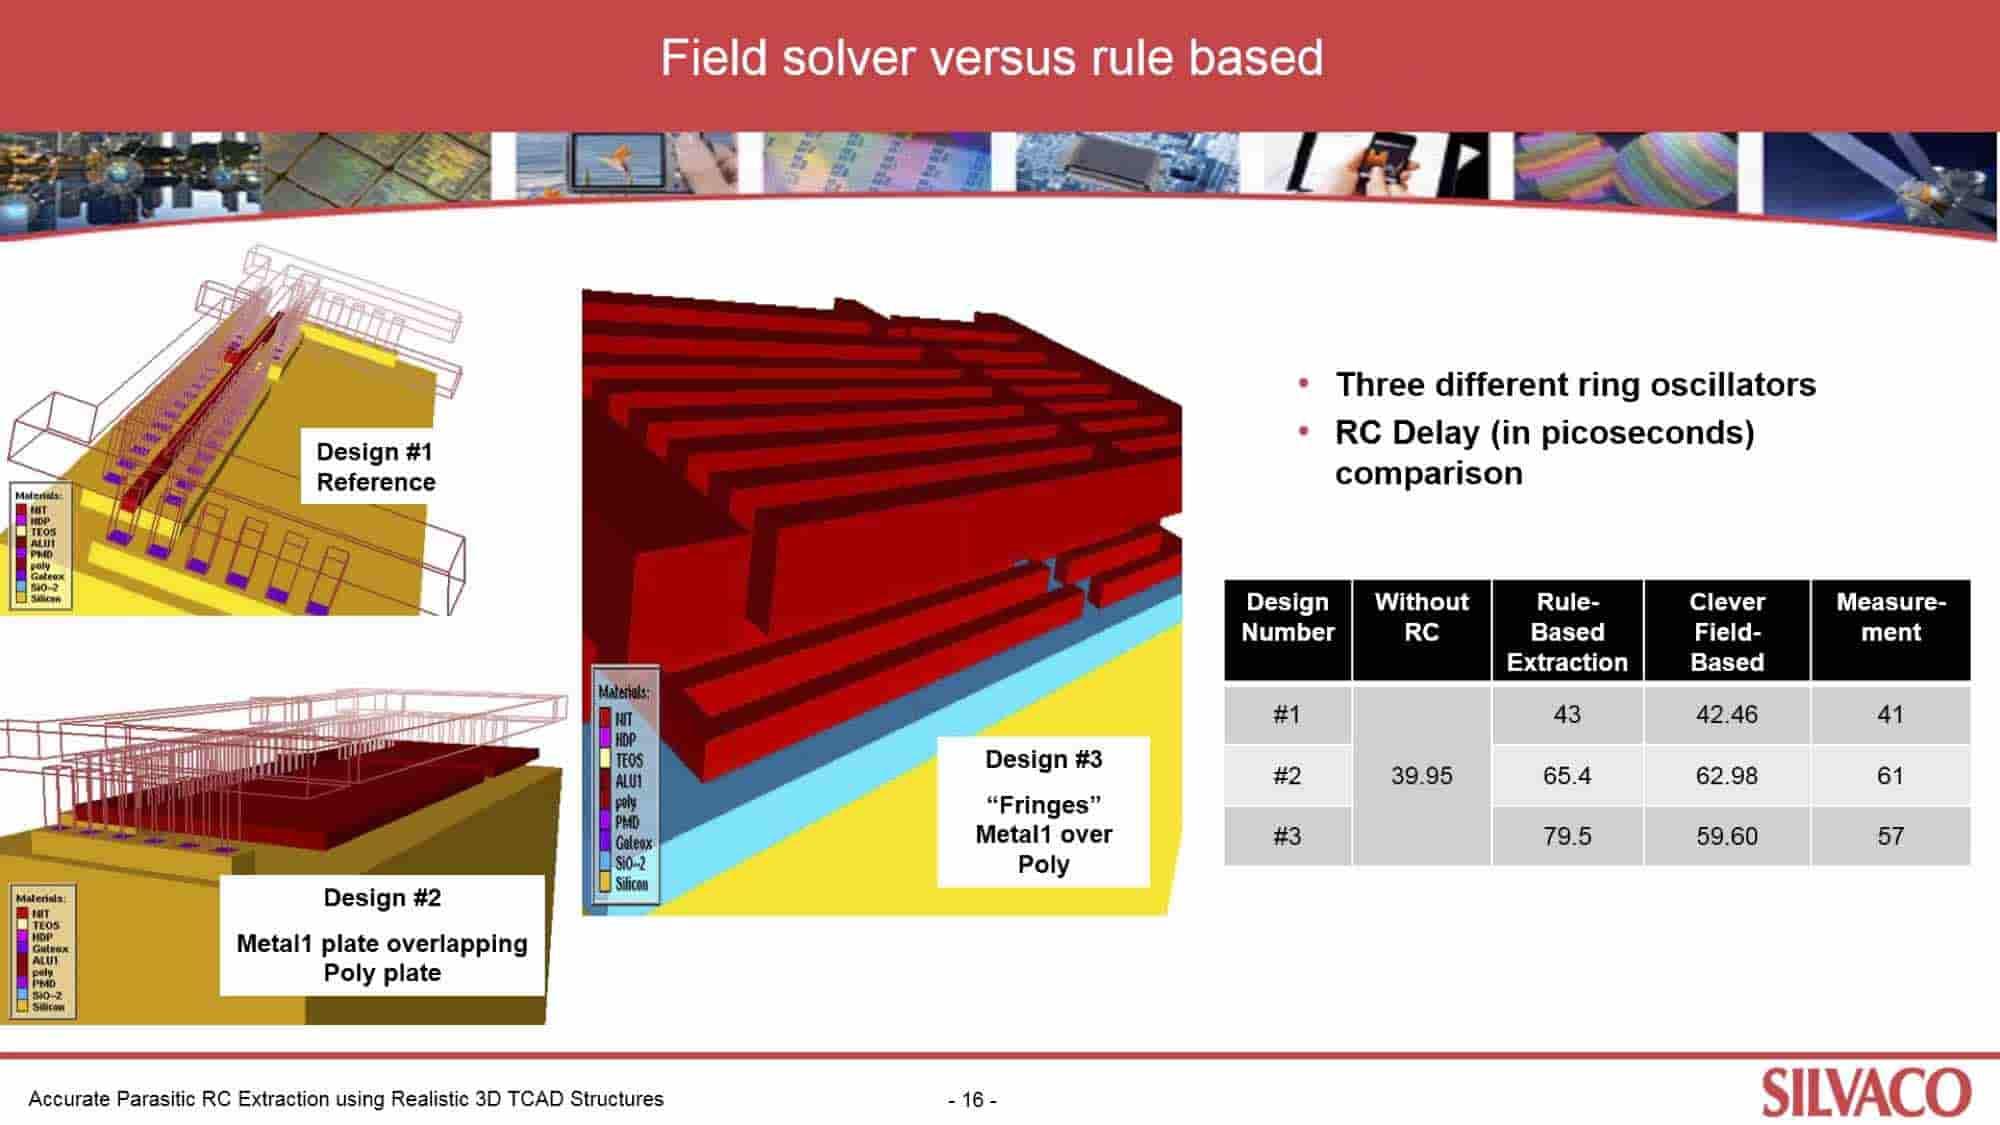 21442-rc-results-solver-vs-rule-based-min.jpg